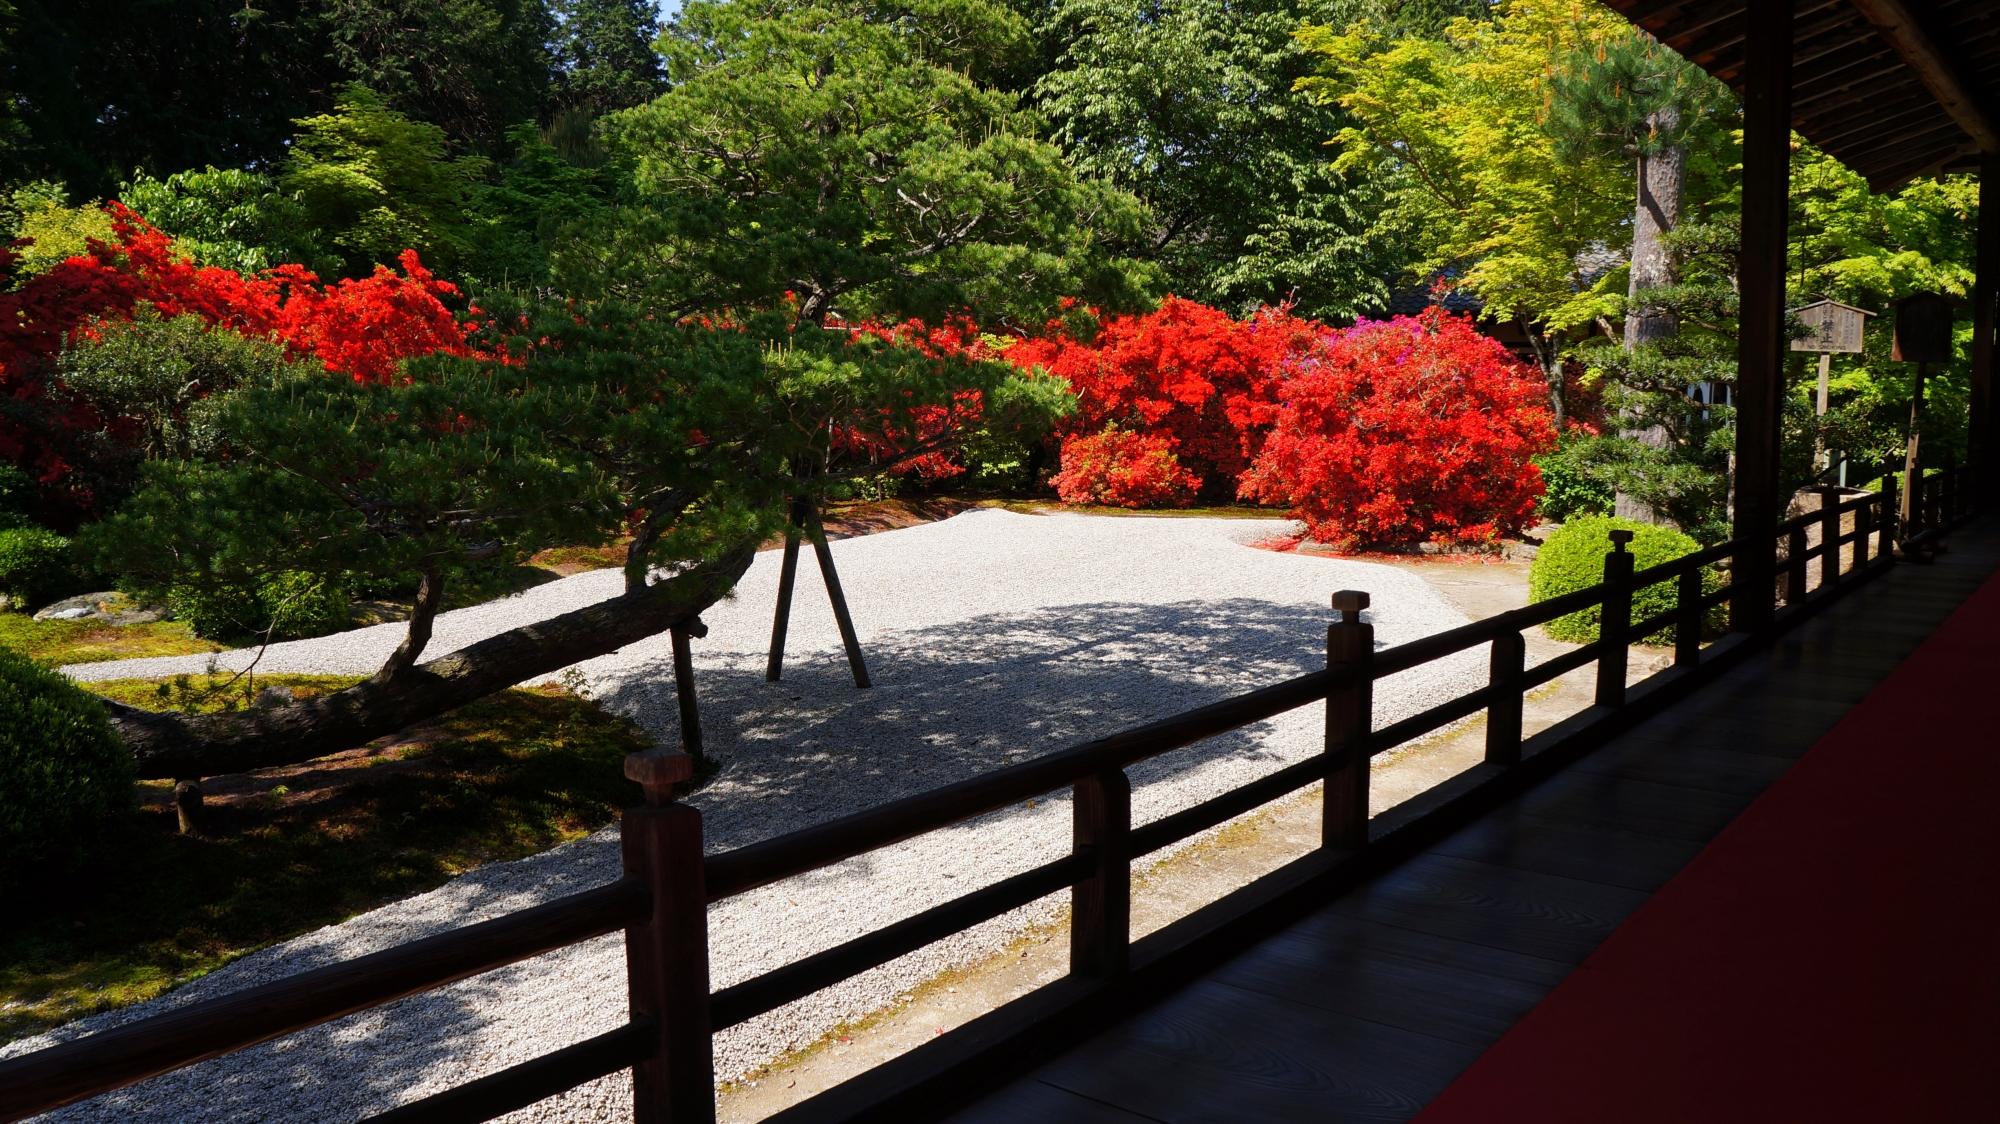 風情ある庭園を一気に彩る見事な赤さの霧島躑躅